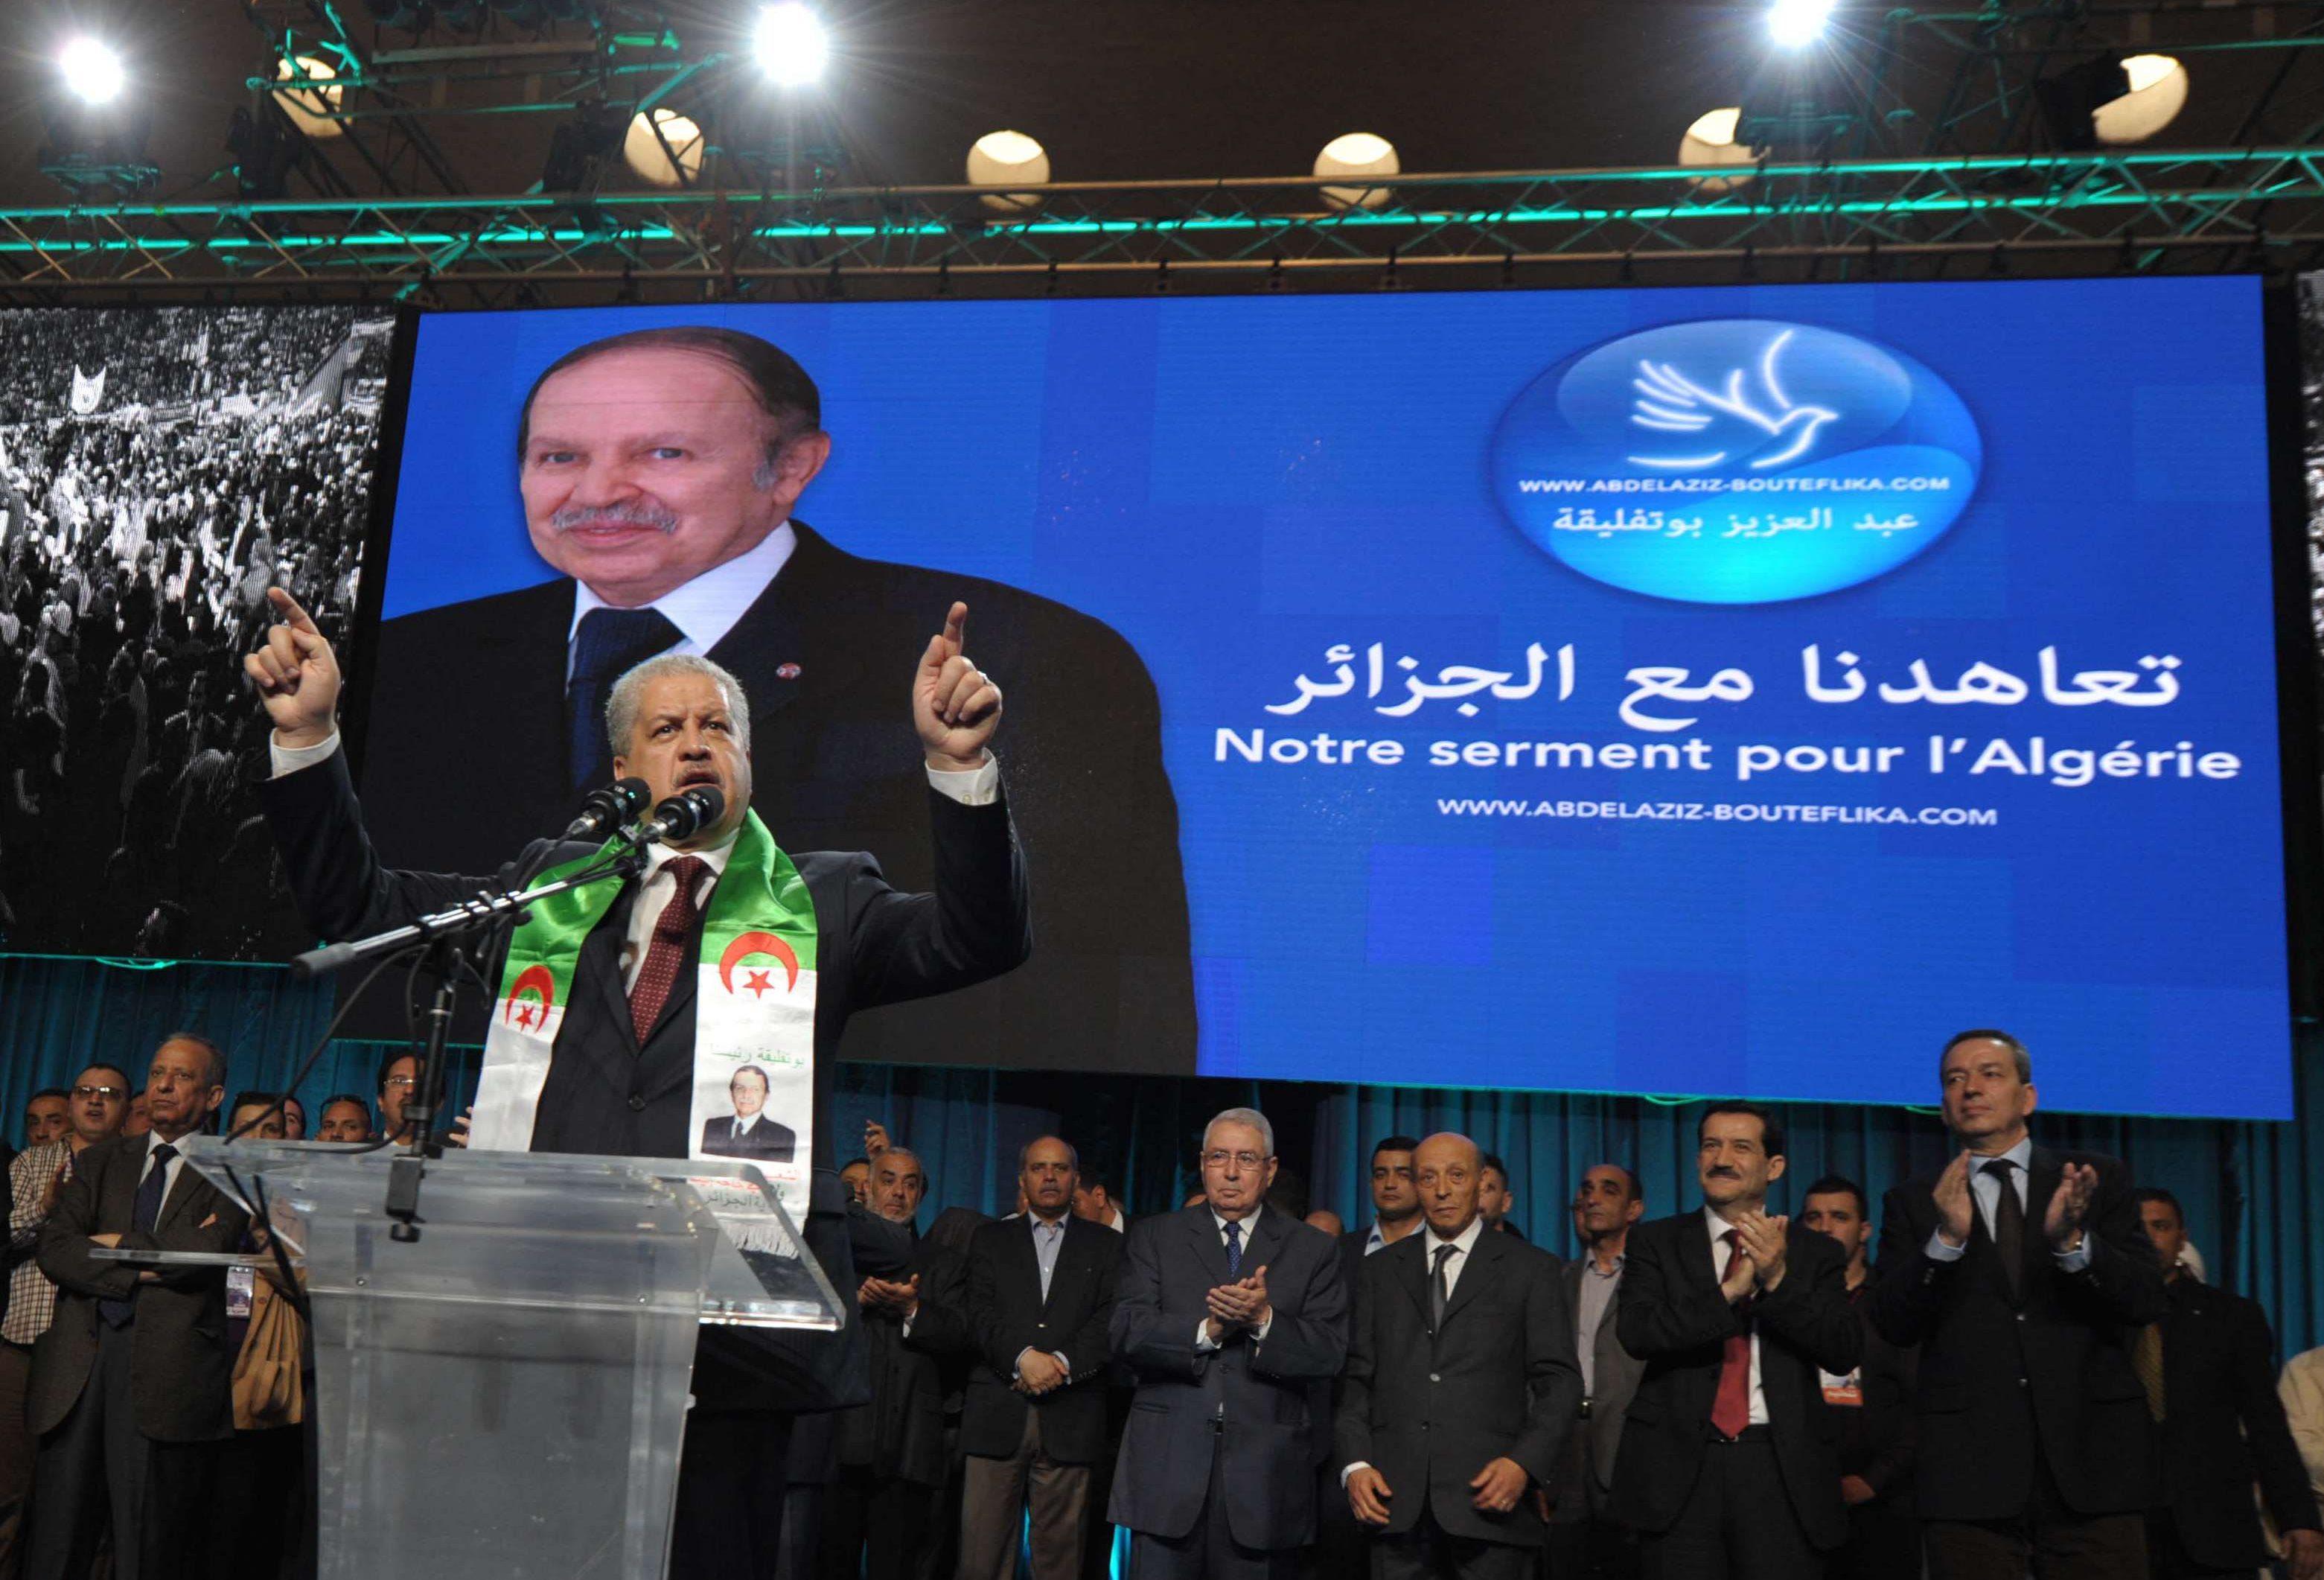 Abdelmalek Sellal a dirigé les trois précédentes campagnes d'Abdelaziz Bouteflika (ici lors d'un meeting à Alger en 2014).